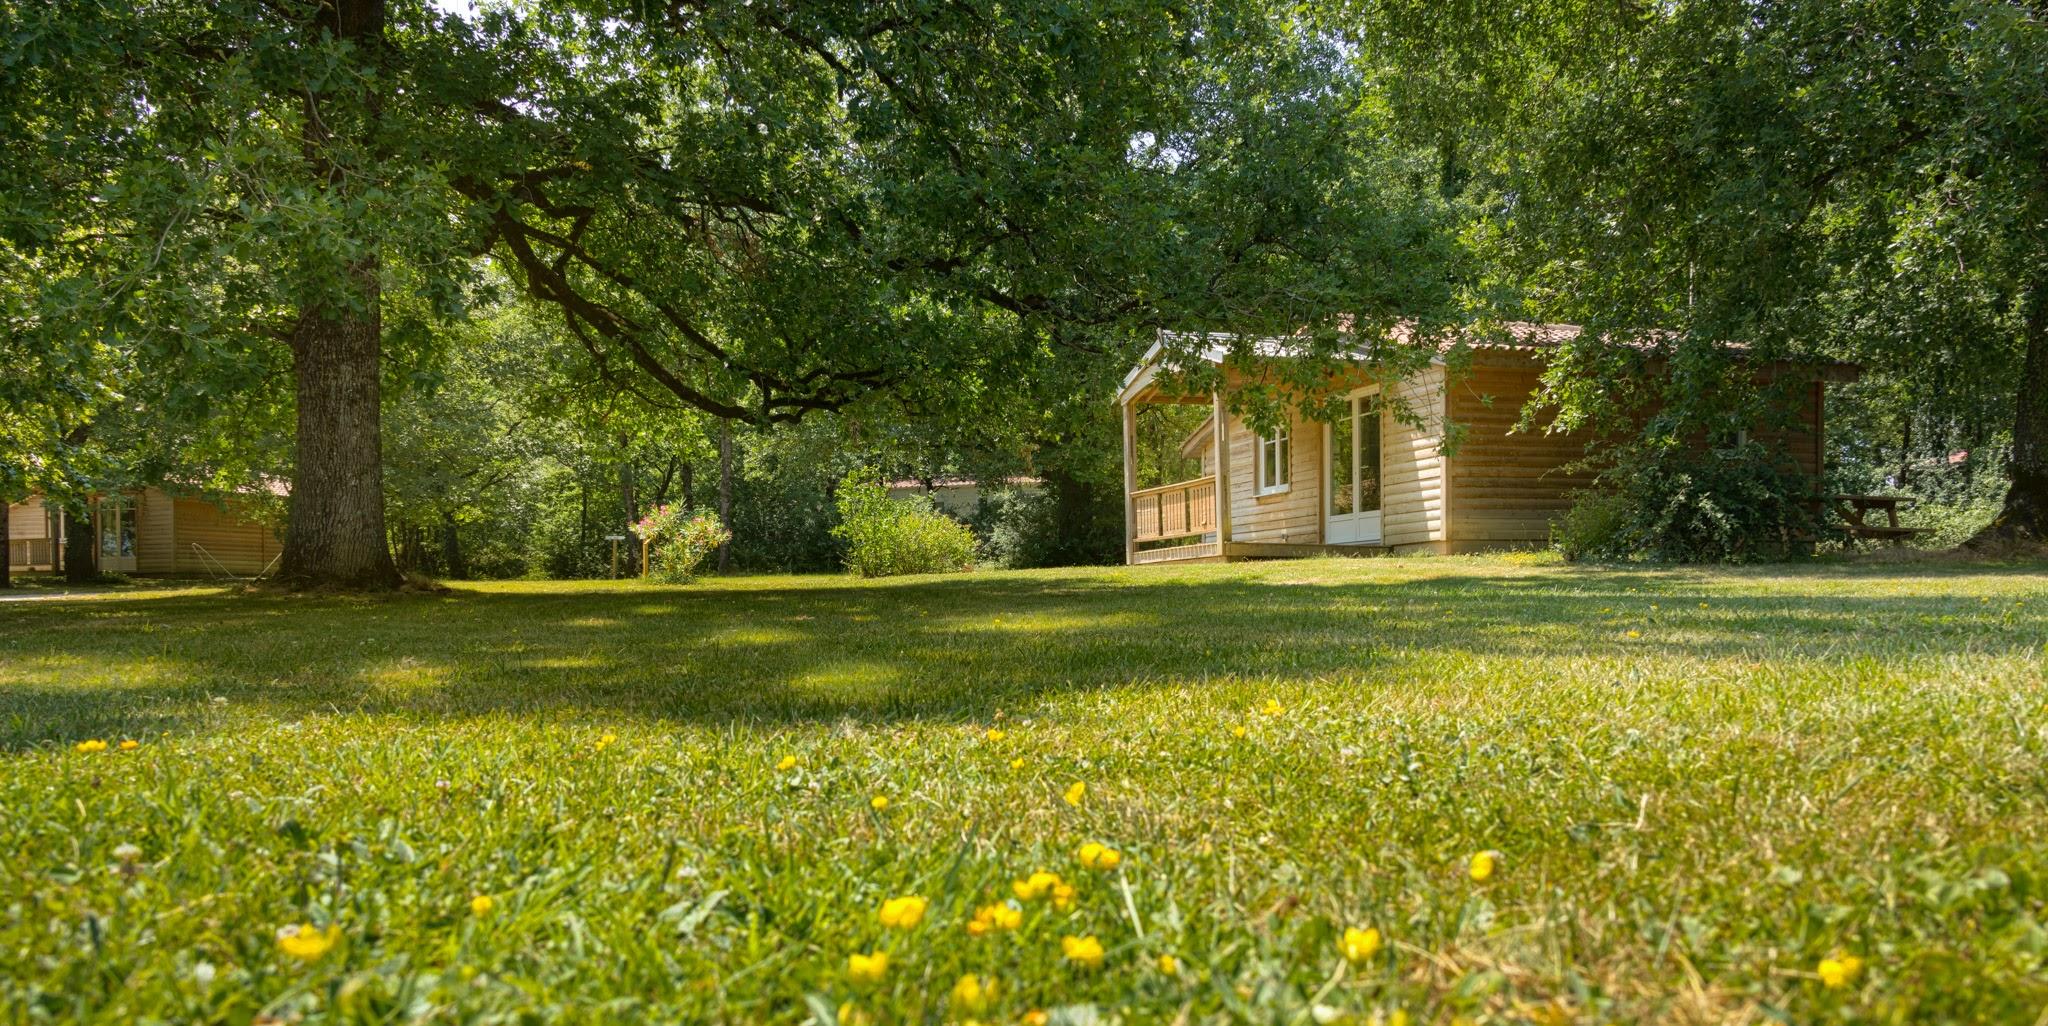 Camping tarn avec piscine le domaine de miraval belleserre - Camping carcassonne avec piscine ...